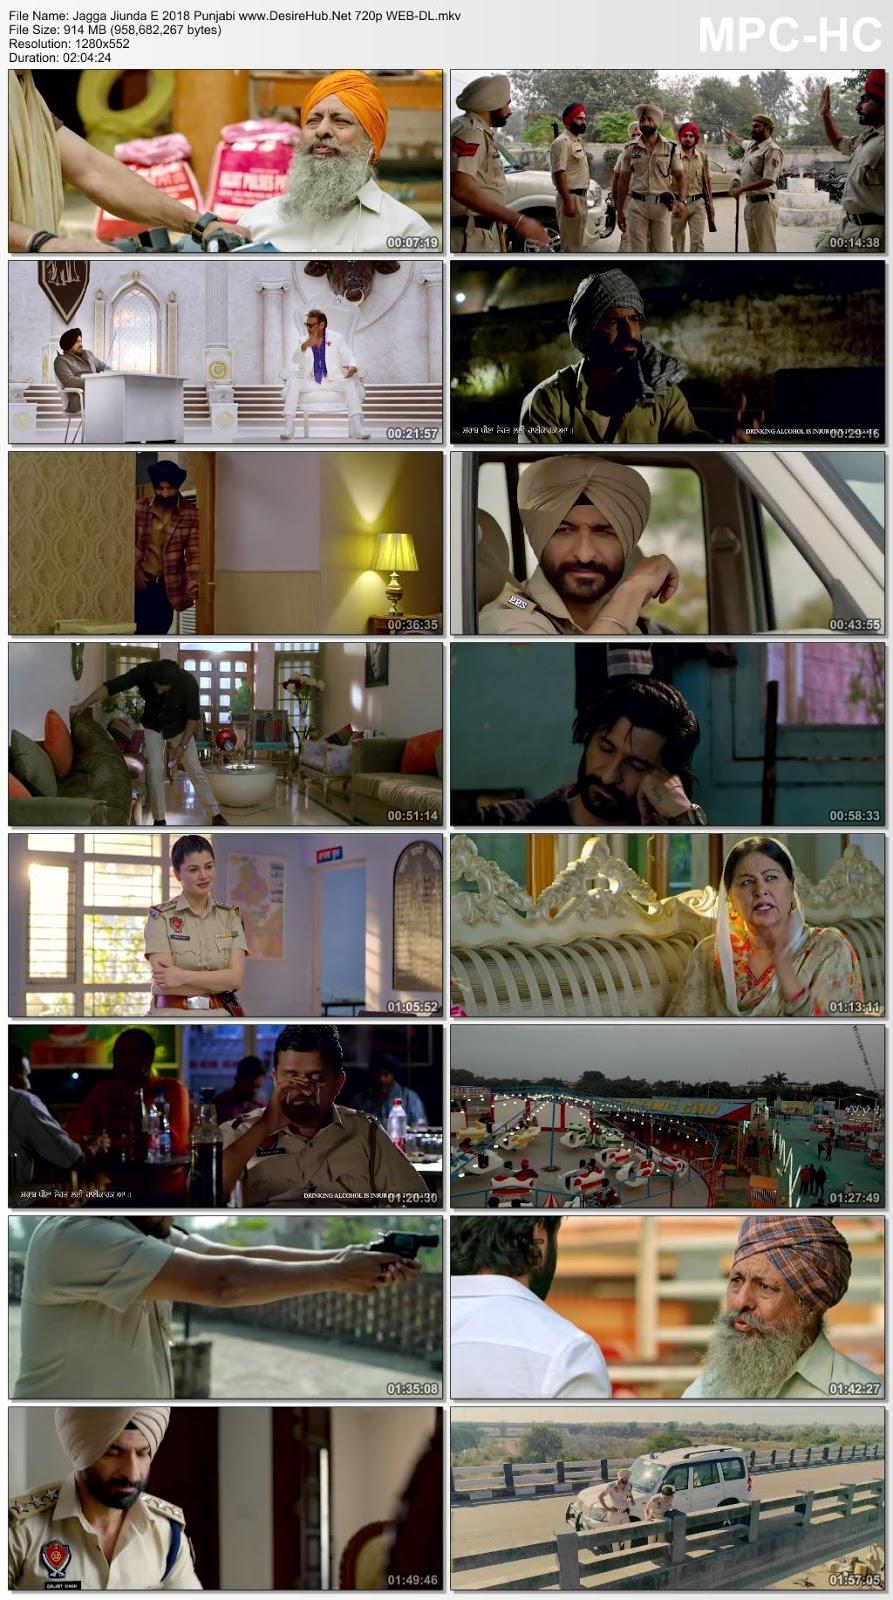 Jagga Jiunda E (2018) Punjabi 480p WEB-DL 350MB Desirehub